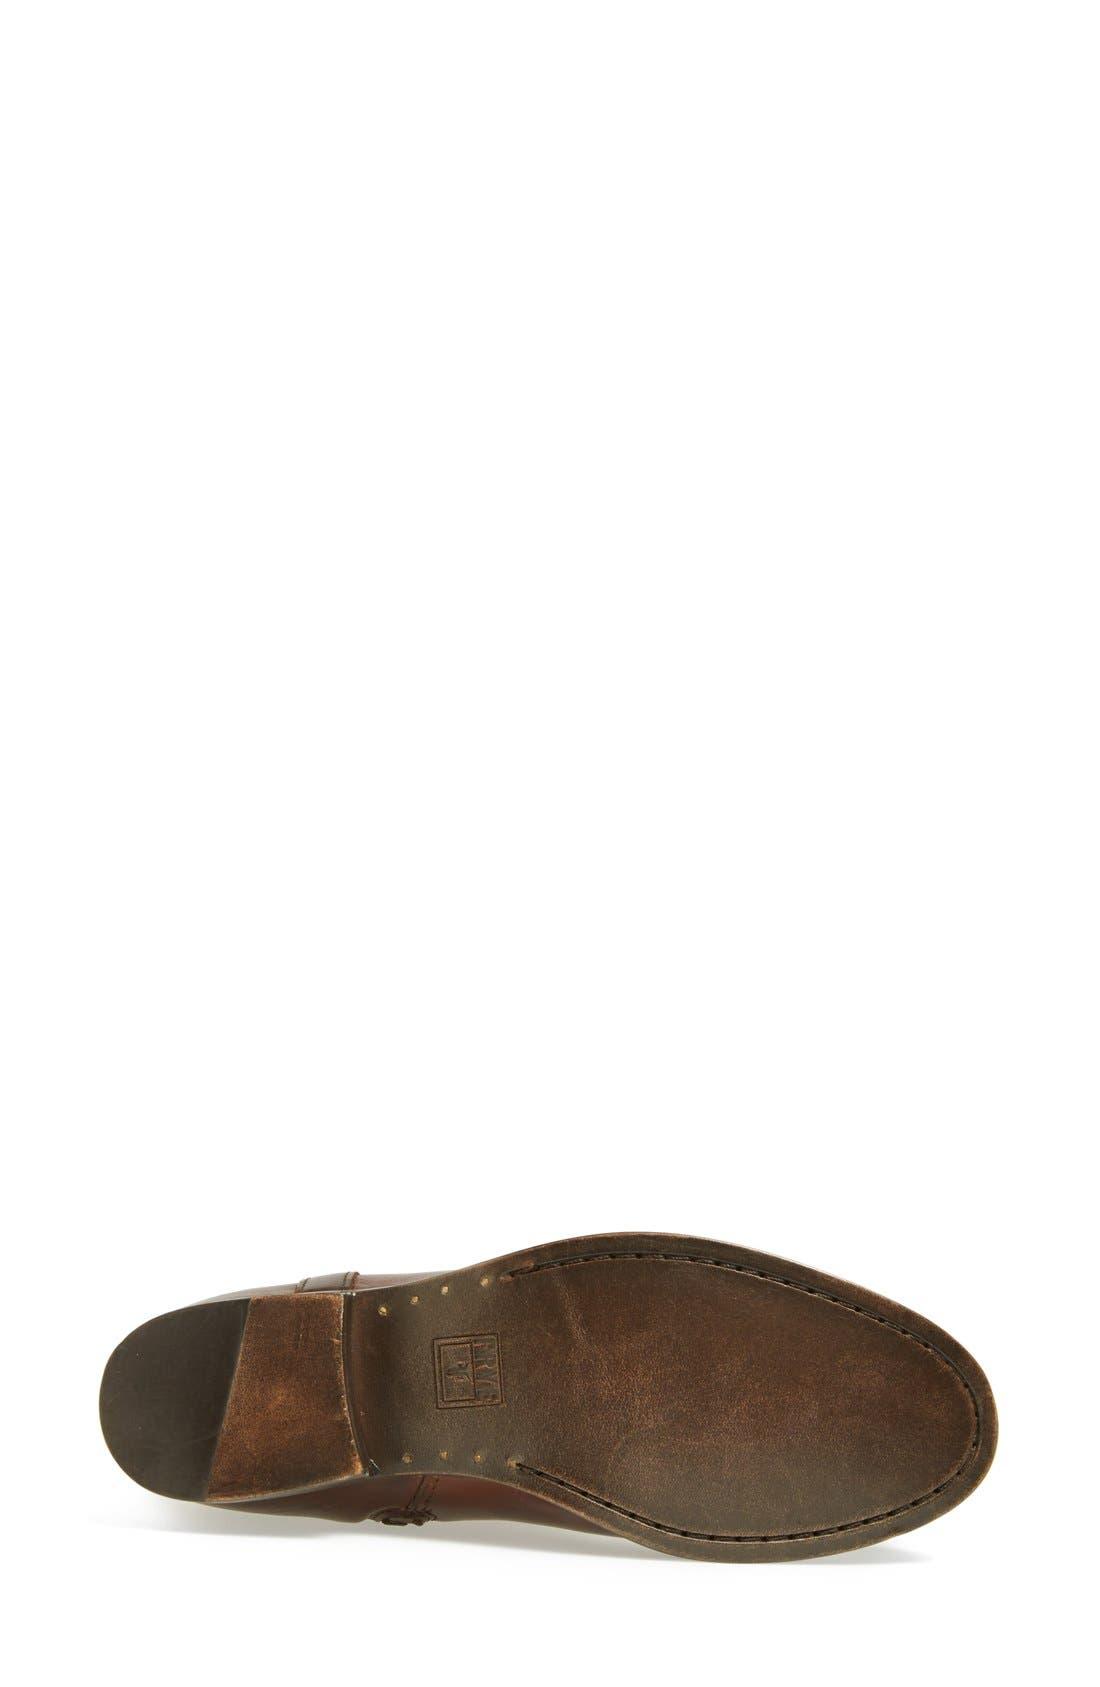 'Melissa Tab' Knee High Boot,                             Alternate thumbnail 4, color,                             Redwood Vintage Leather